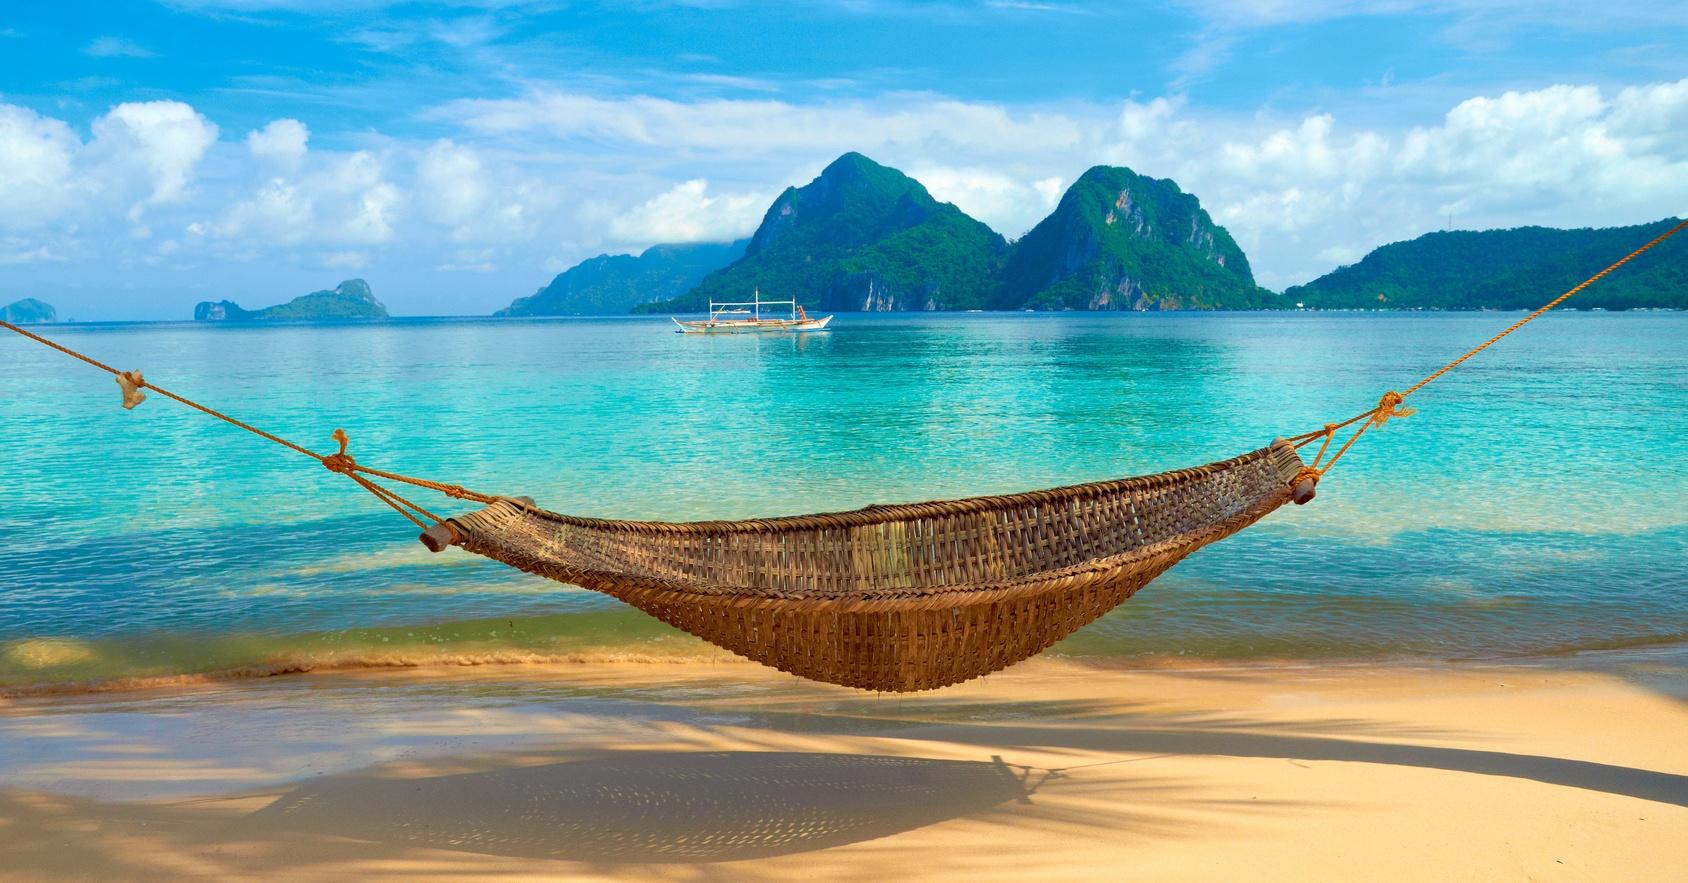 10 جزر تستحق الزيارة عند السفر إلى الفلبين